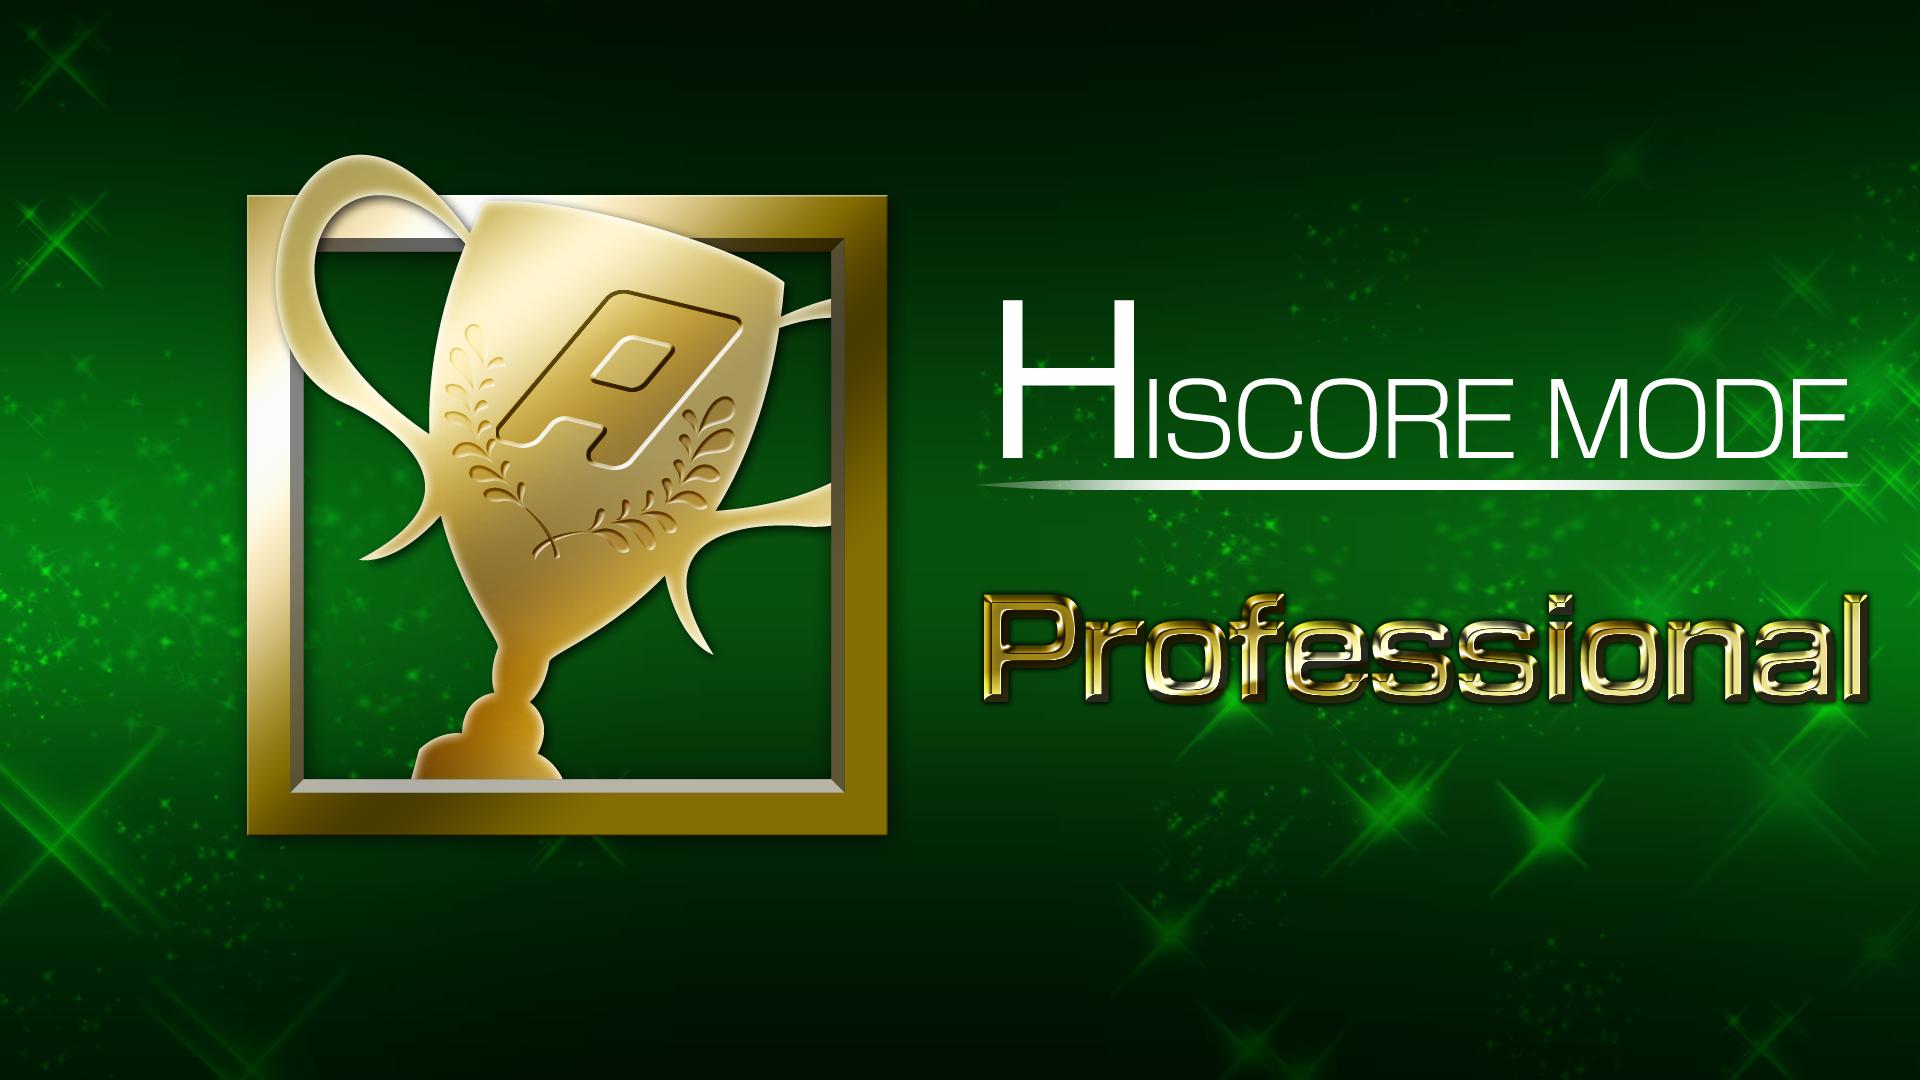 Icon for HI SCORE MODE 3 win(s)